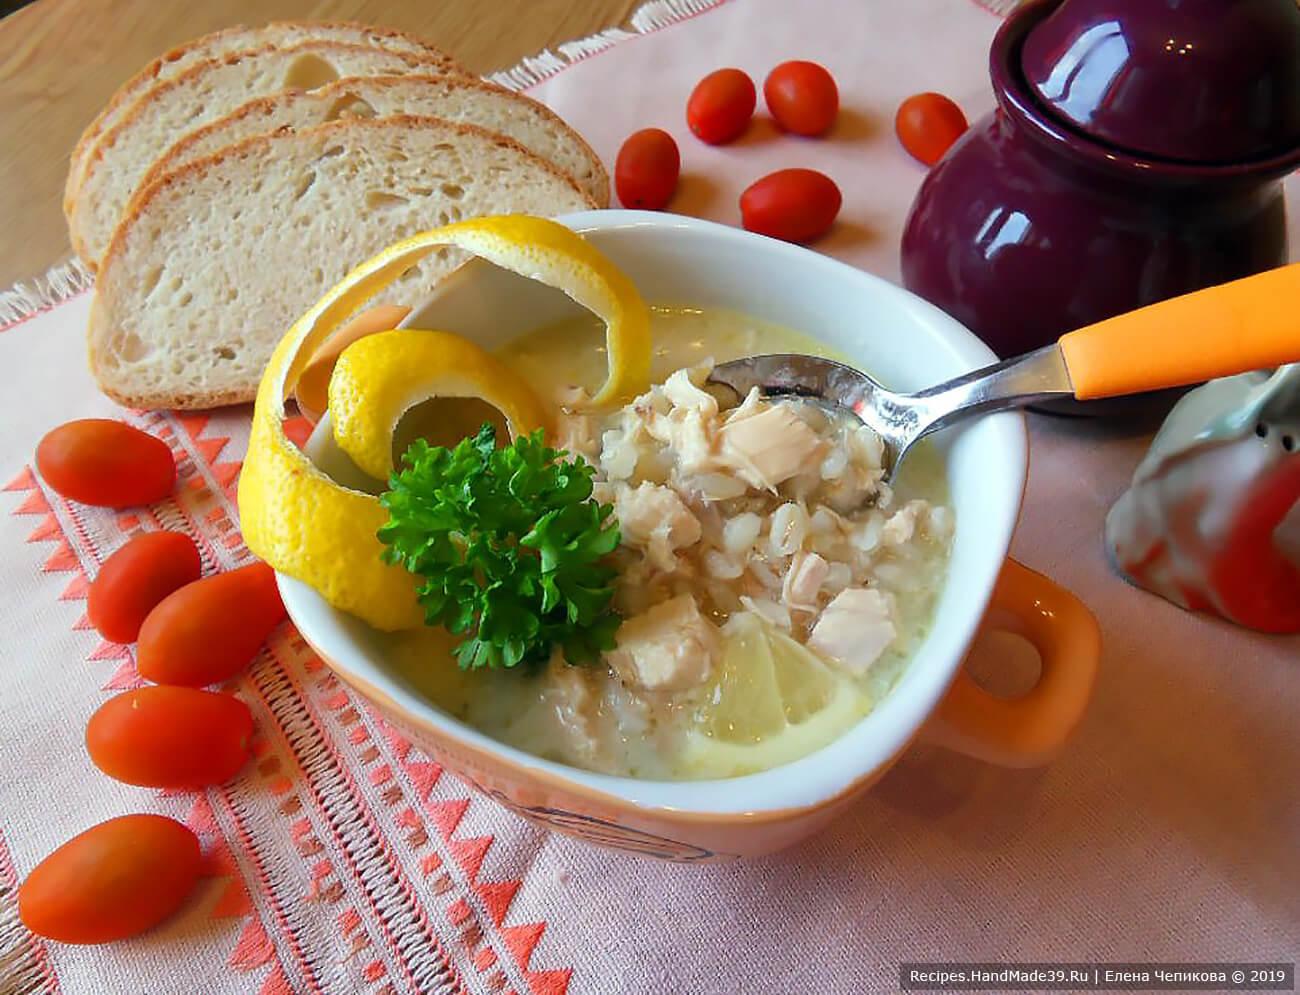 Армянский куриный суп – пошаговый кулинарный рецепт с фото